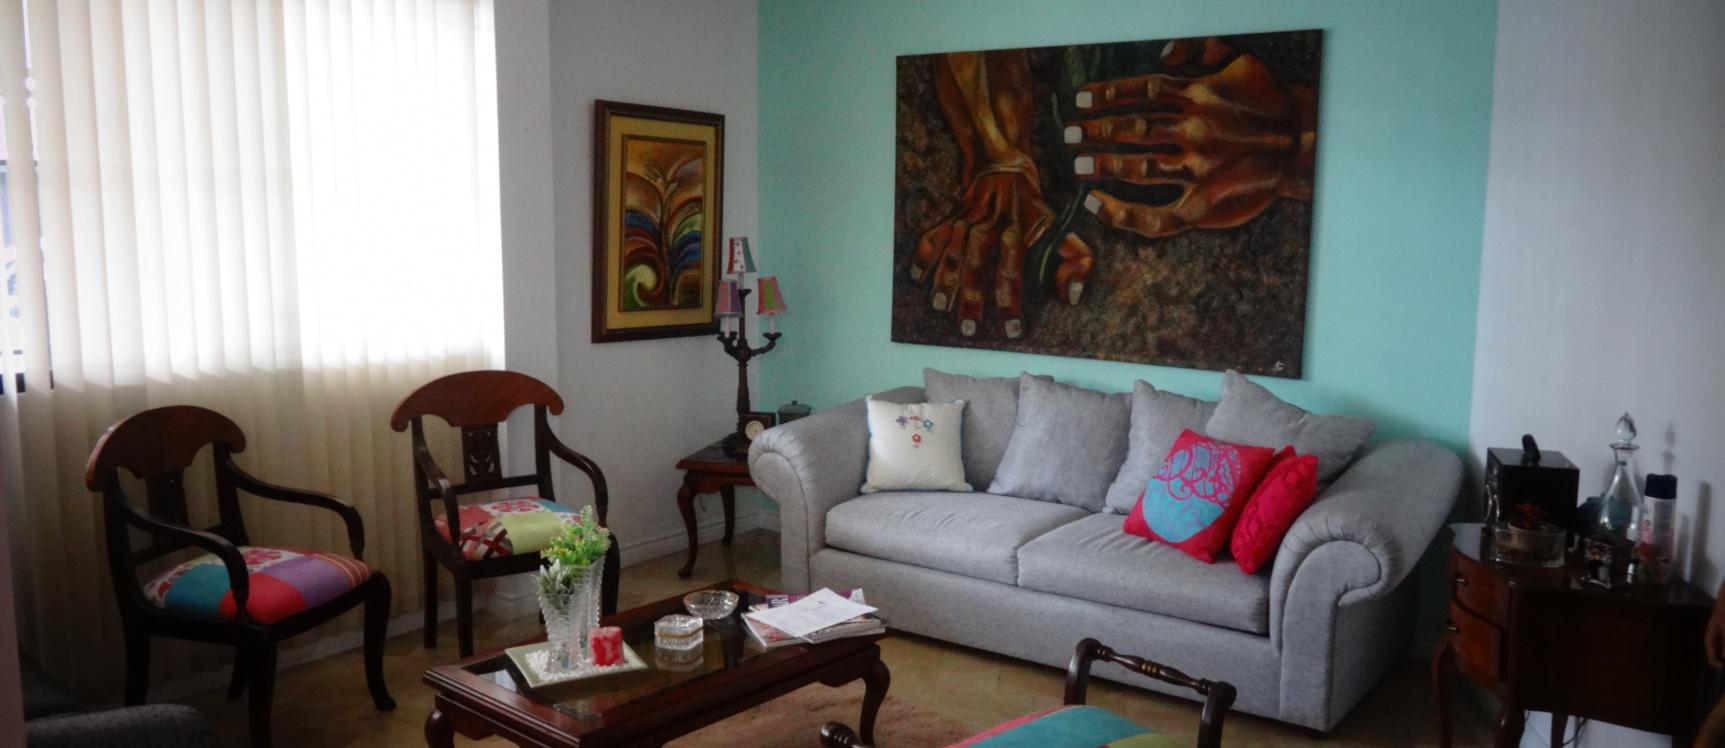 GeoBienes - Departamento en venta Lomas de urdesa Guayaquil - Plusvalia Guayaquil Casas de venta y alquiler Inmobiliaria Ecuador